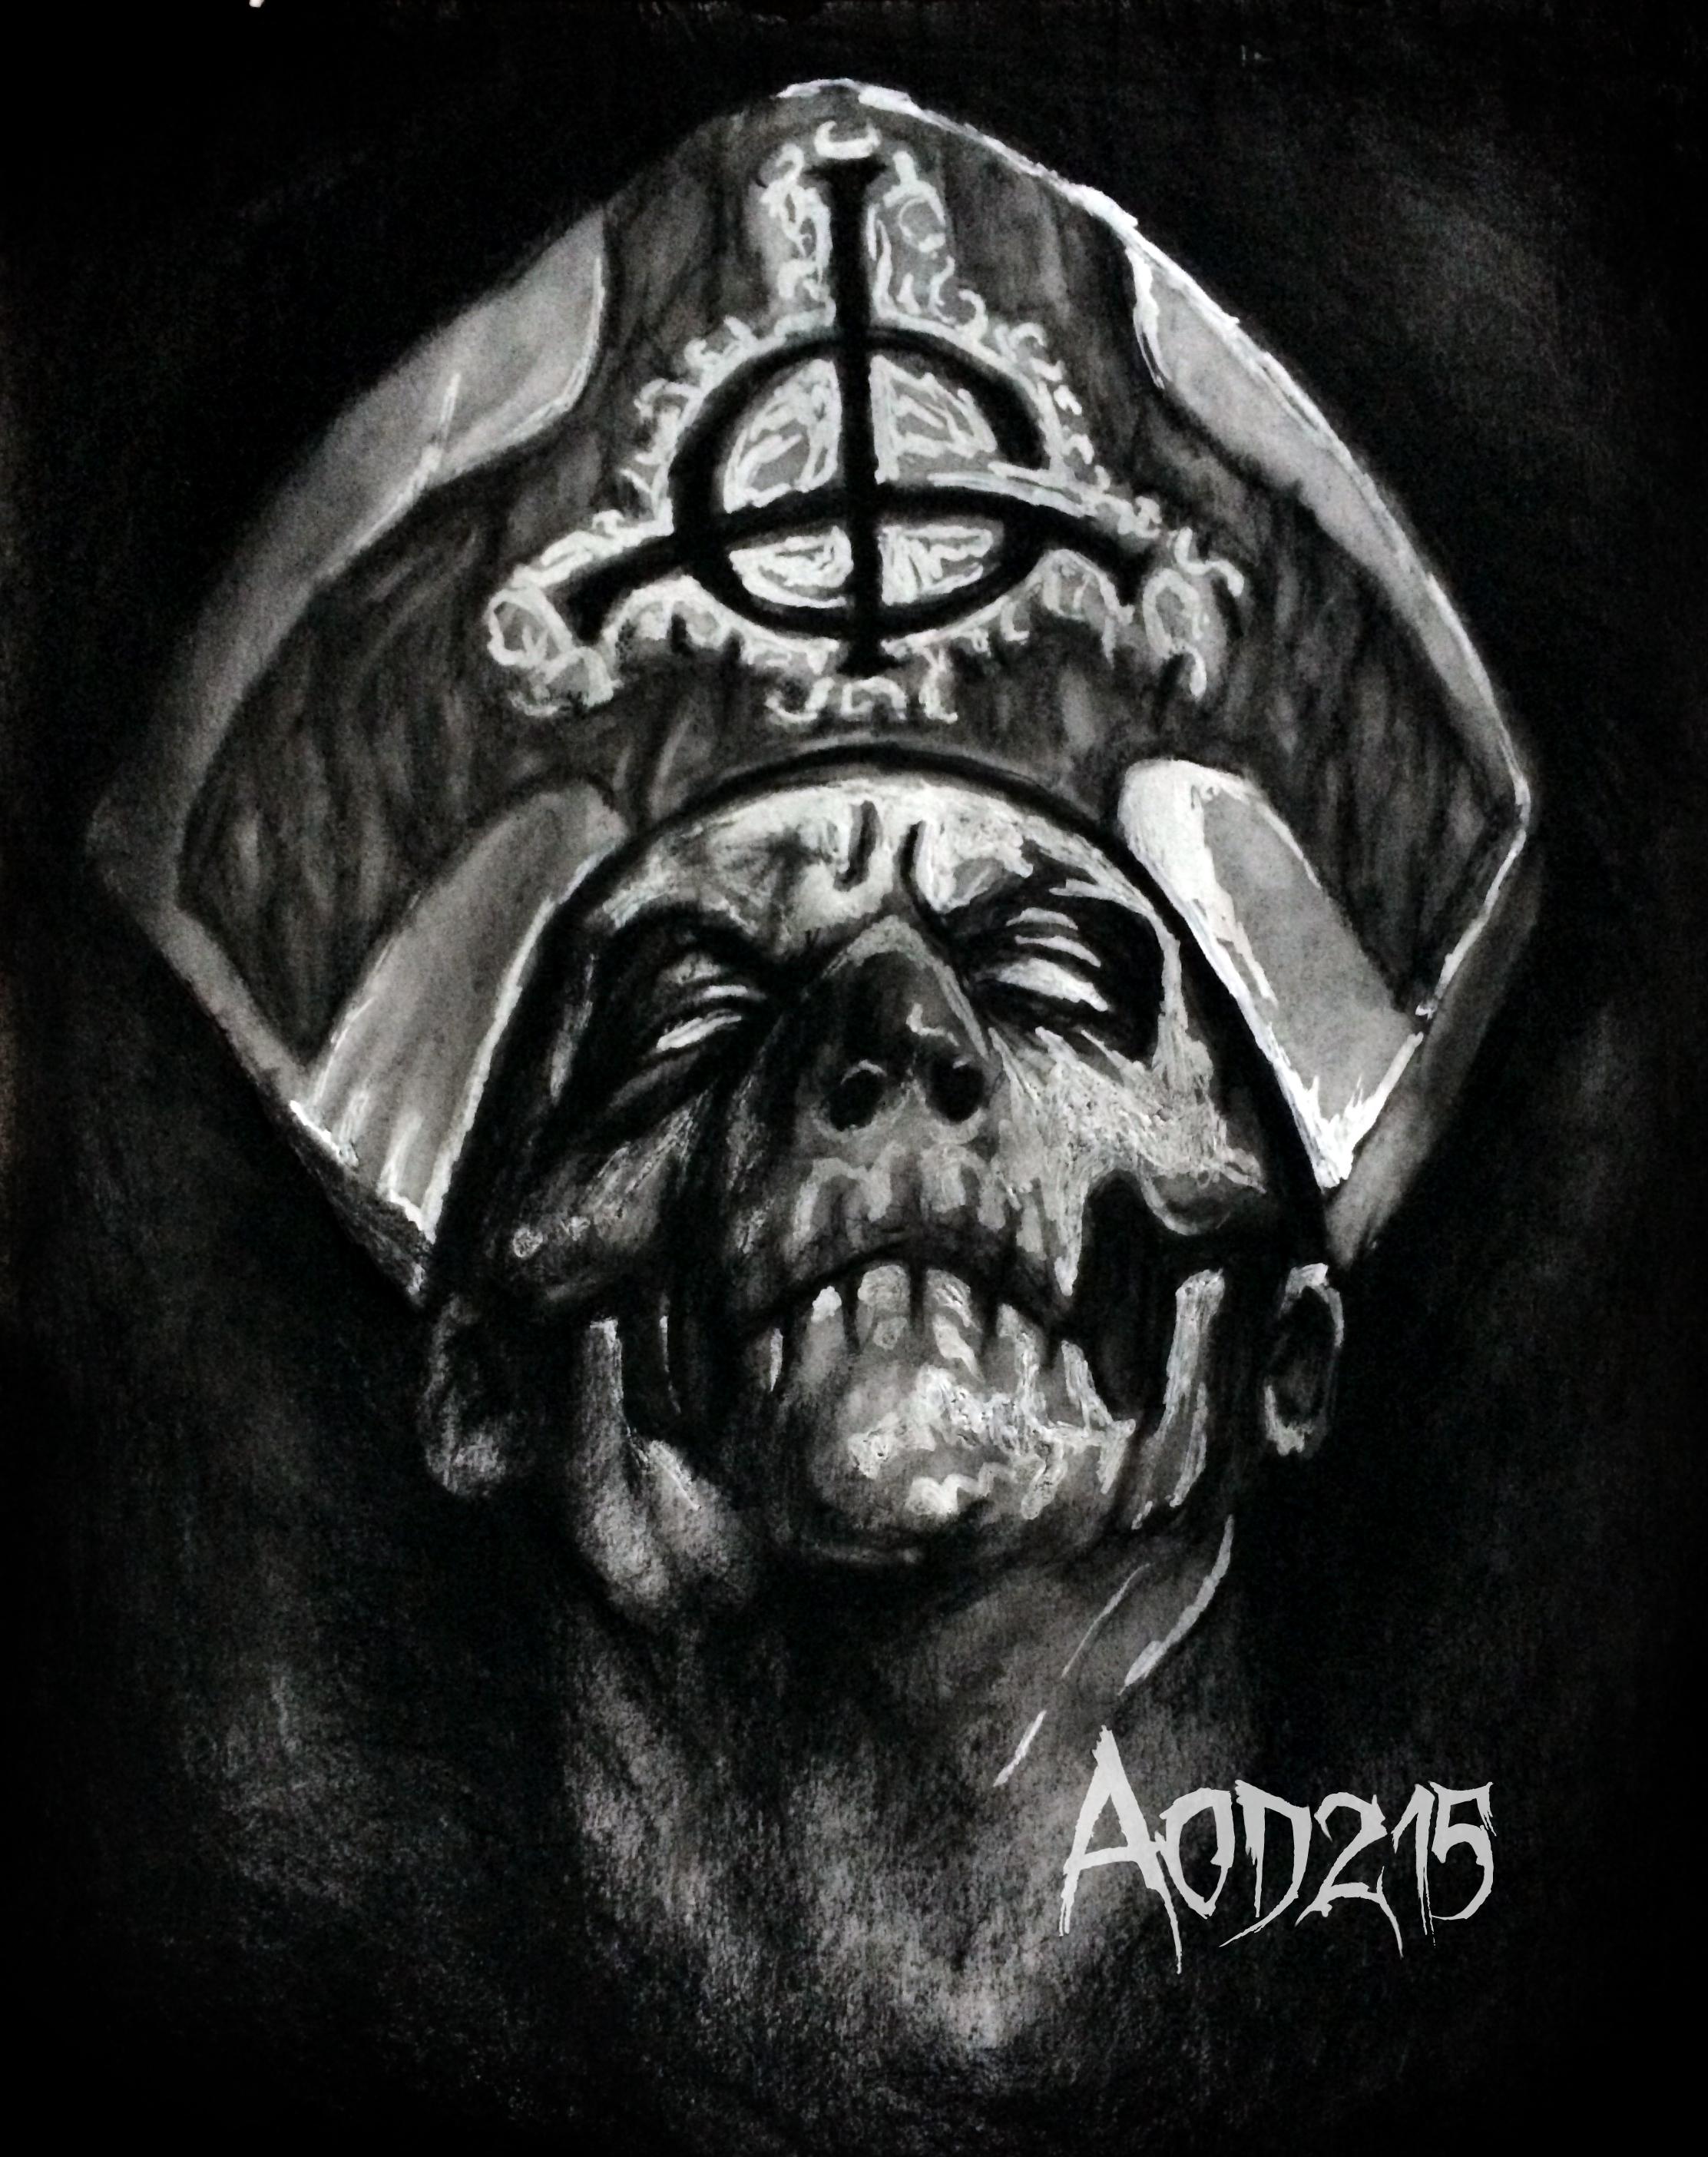 Ghost B.C. drawing - Tattoo.com